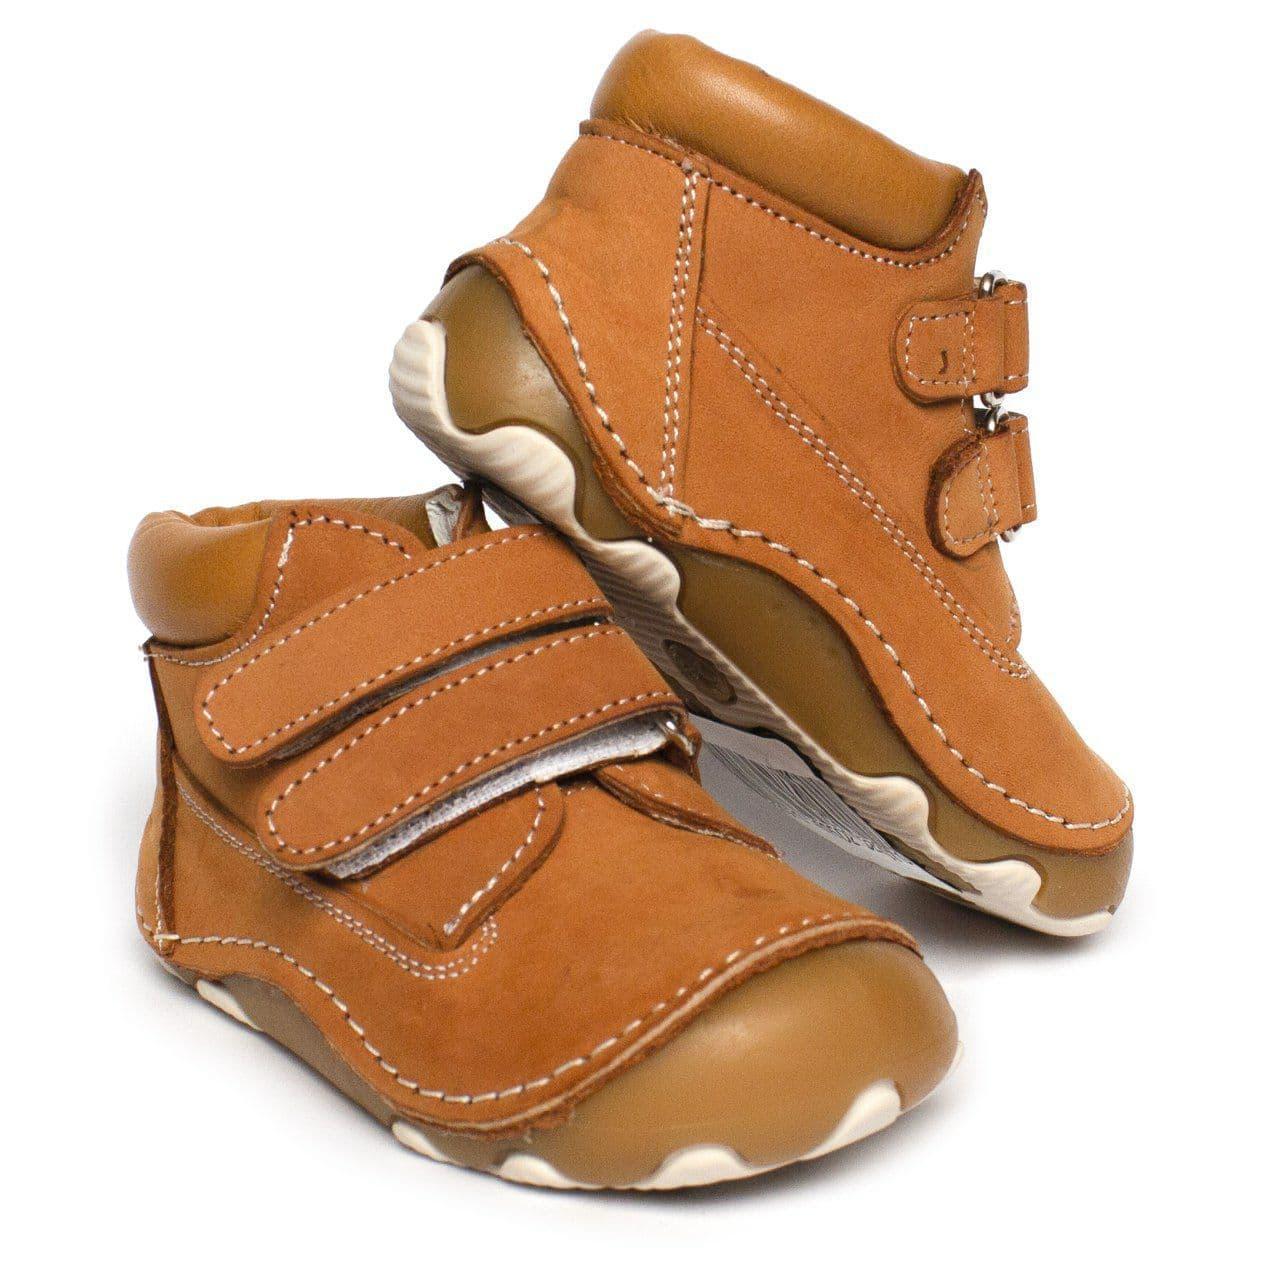 Кожаные ботинки-пинетки для мальчика и девочки, ортопедические, размеры 19, 20, 21, 22